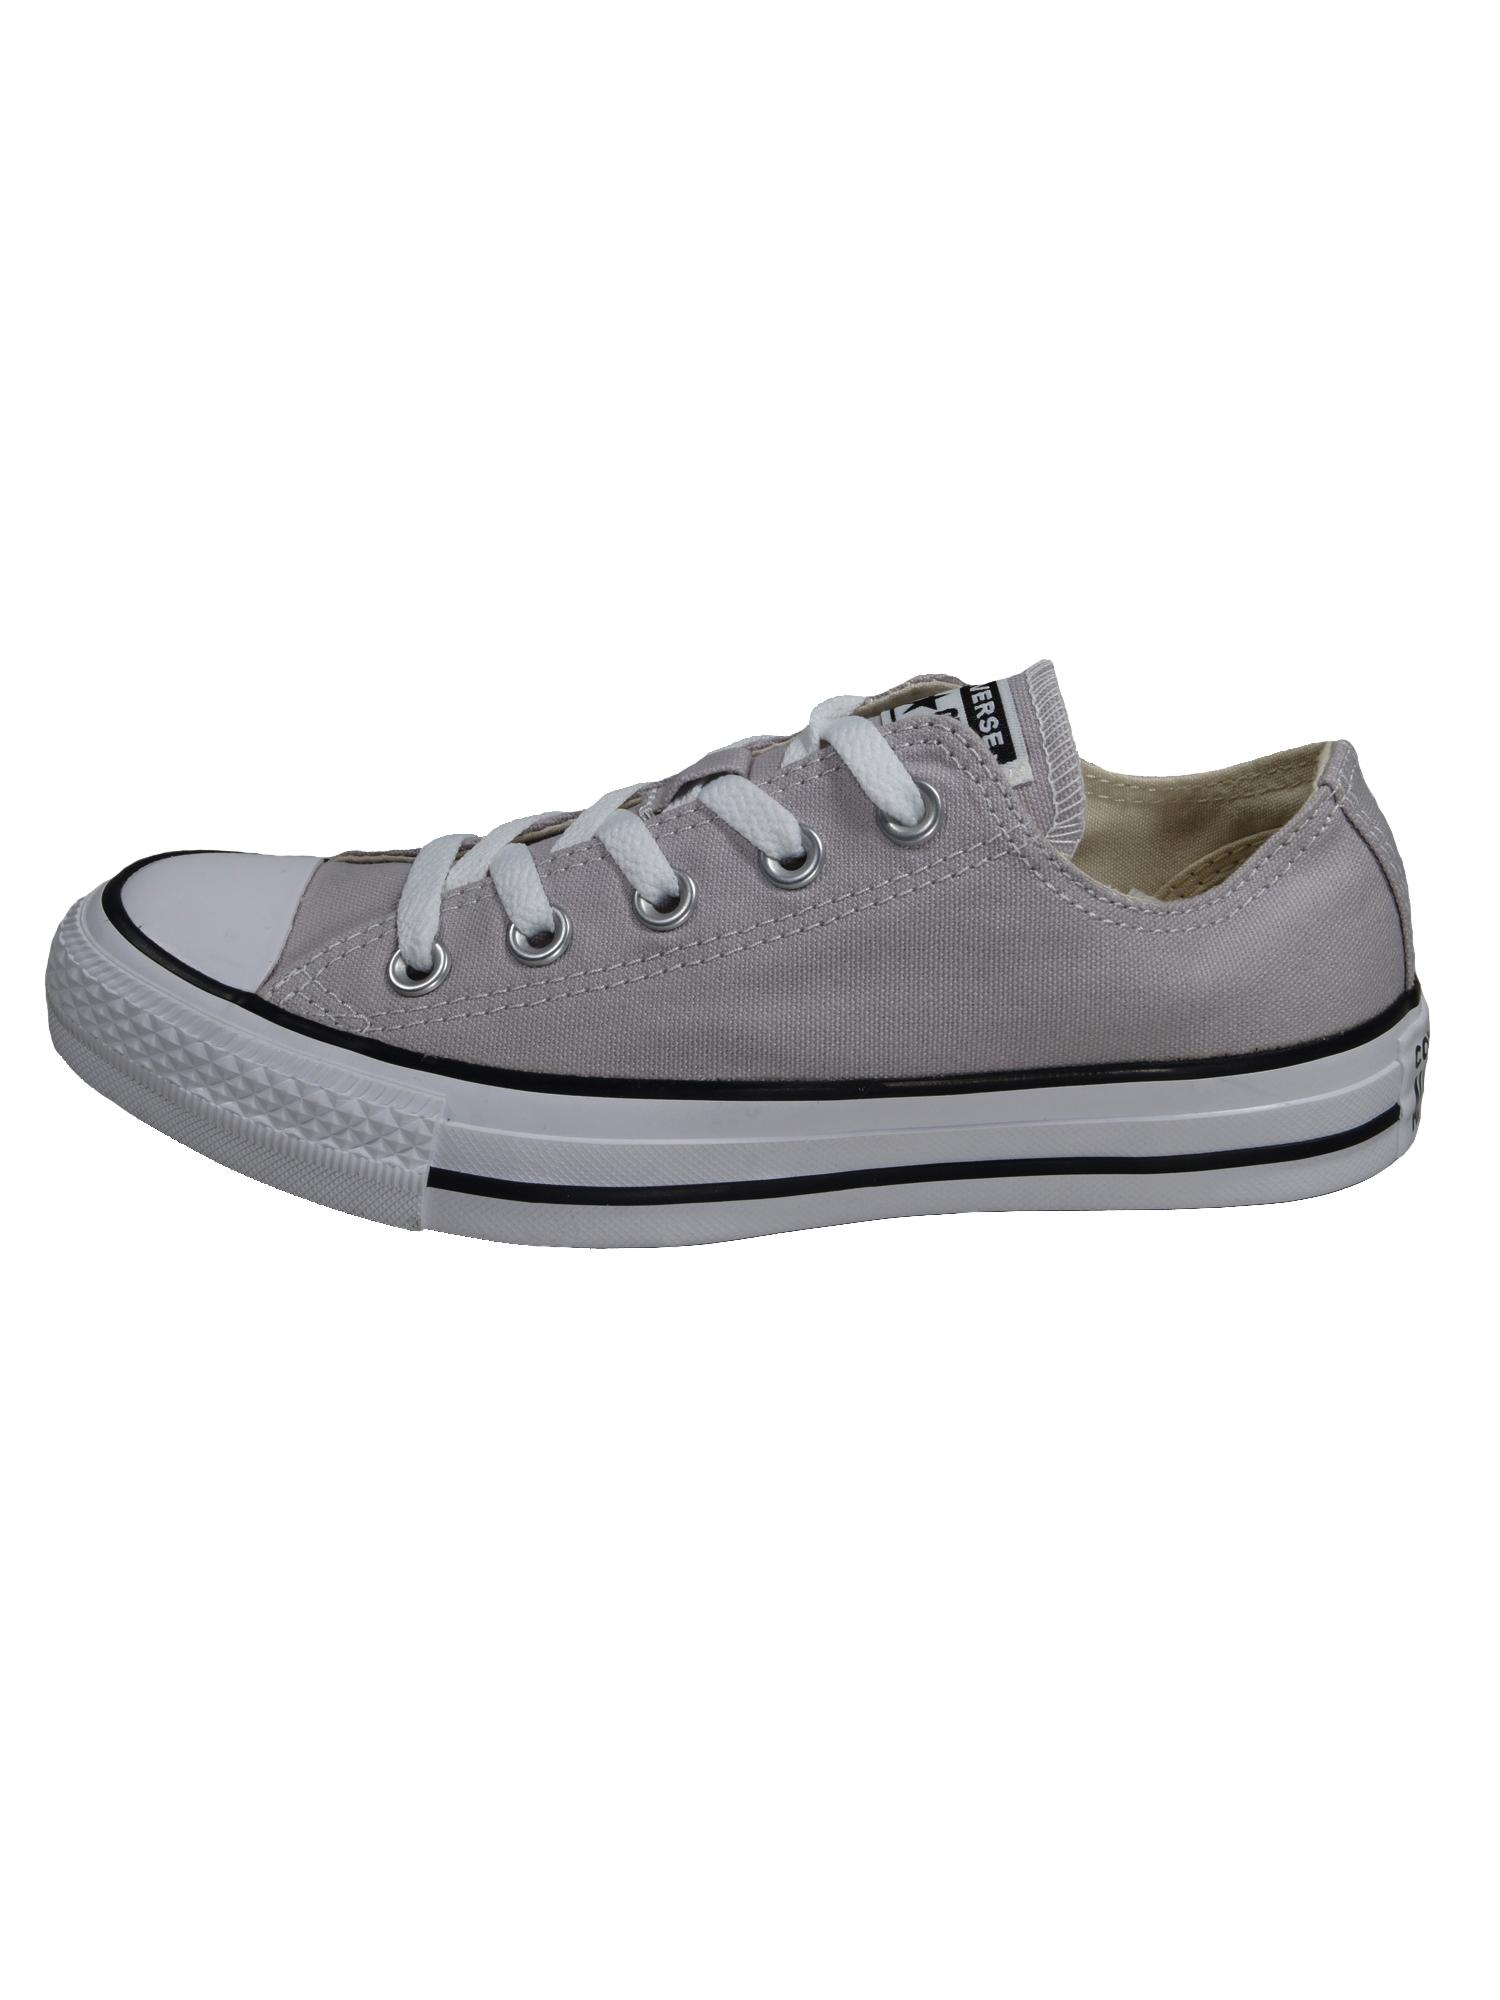 Converse Damen Schuhe CT All Star Ox Violet Ash Leinen Sneakers 36